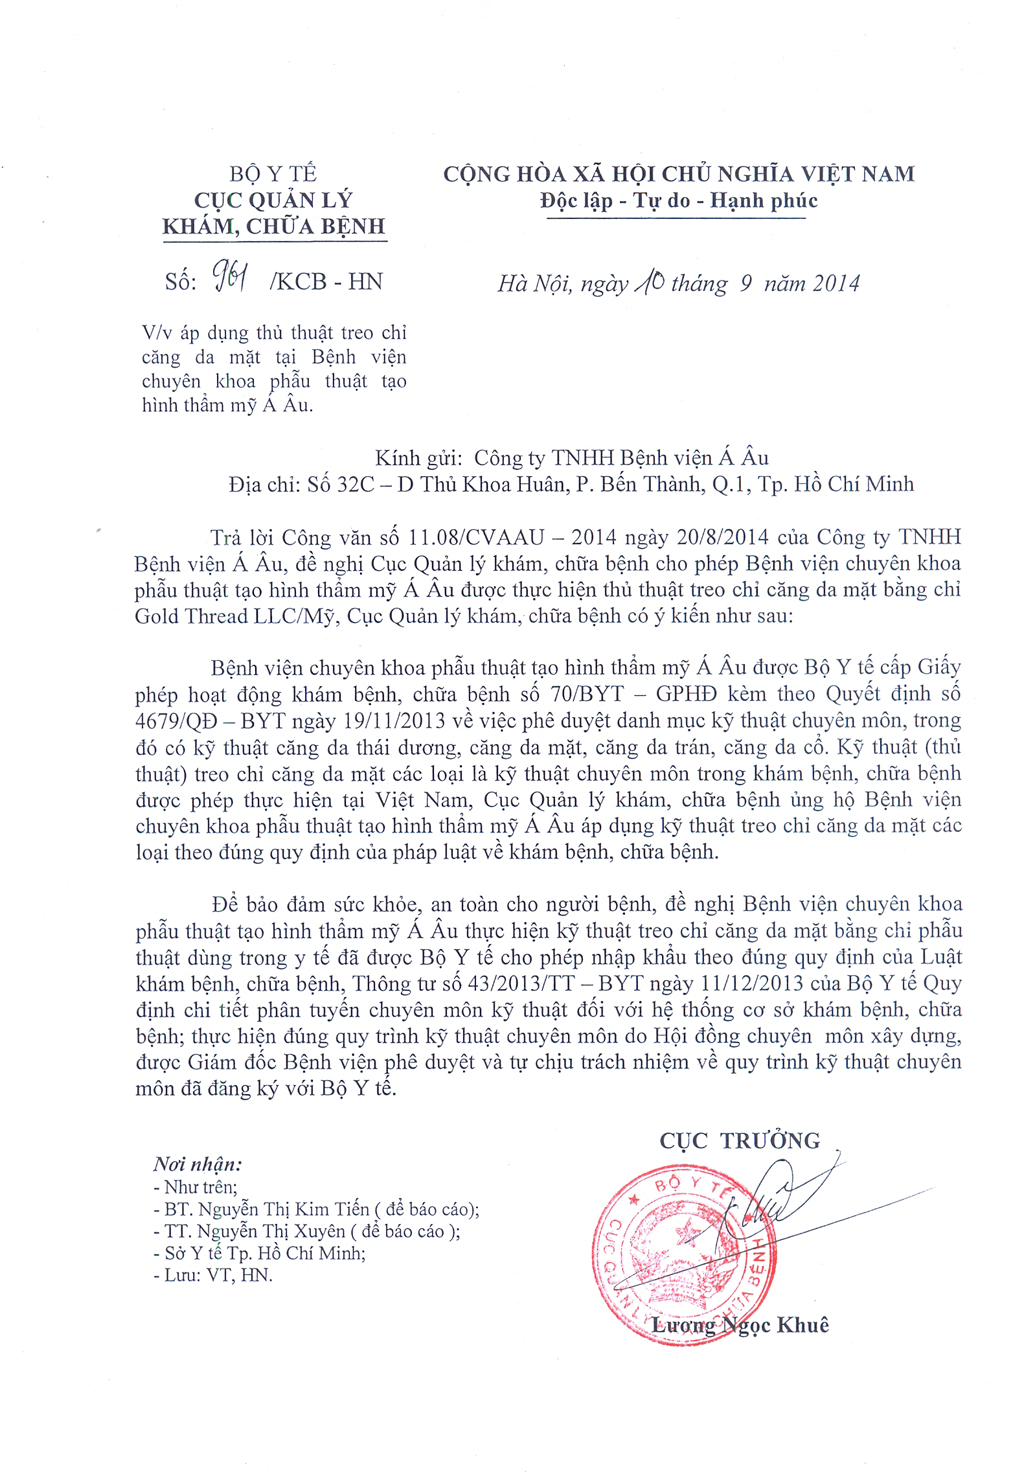 chivang-Giay-phep-cang-da-chi-vang-2